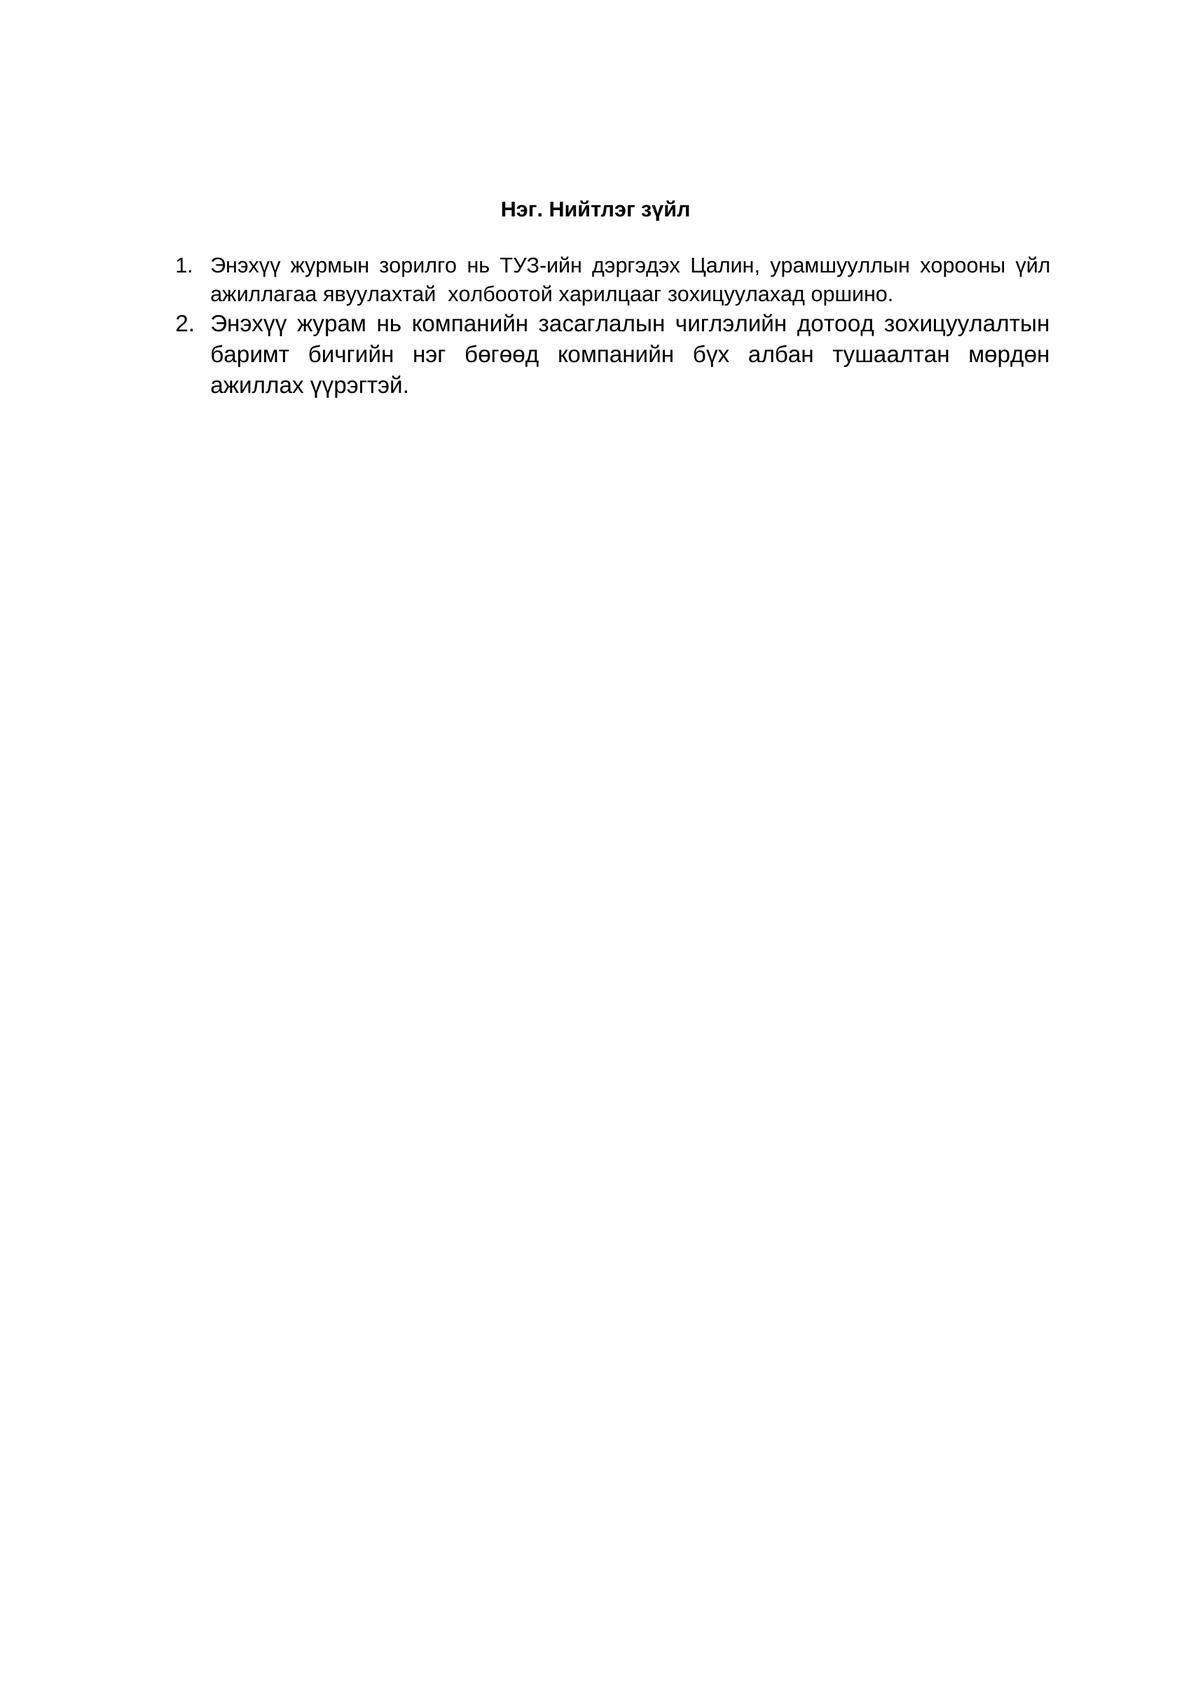 ТУЗ-ийн дэргэдэх Цалин, урамшууллын хорооны ажиллах журам-1